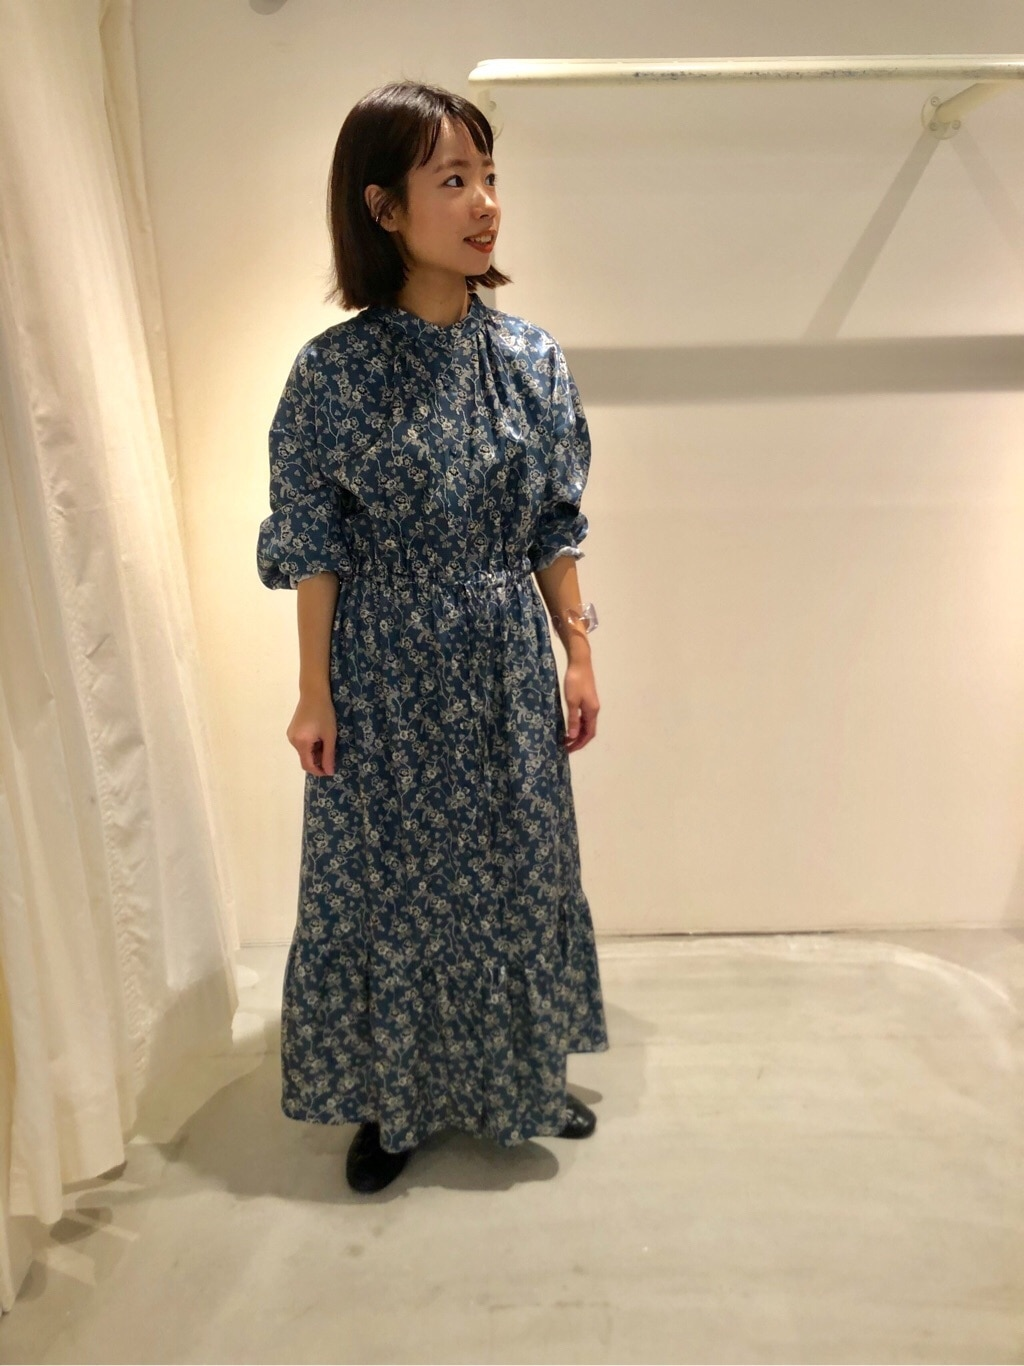 l'atelier du savon 代官山路面 身長:150cm 2020.02.18